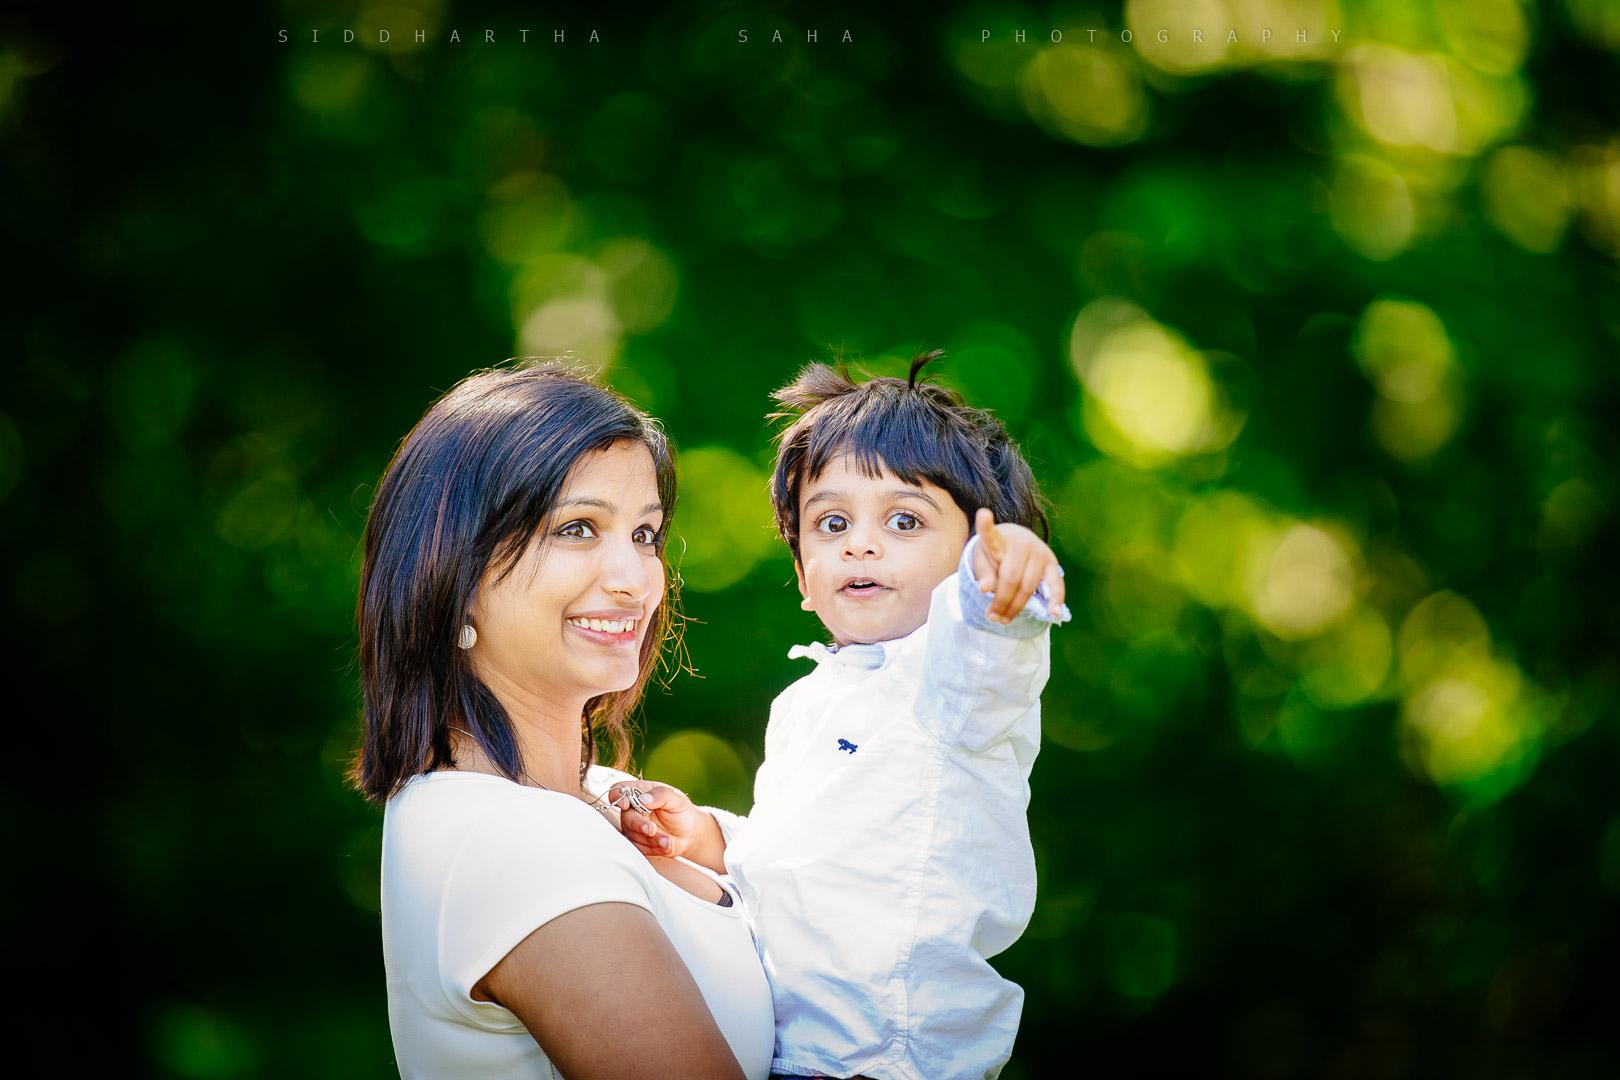 2015-06-14 - Ranjani Naveen Vihaan Photoshoot - _05Y6603